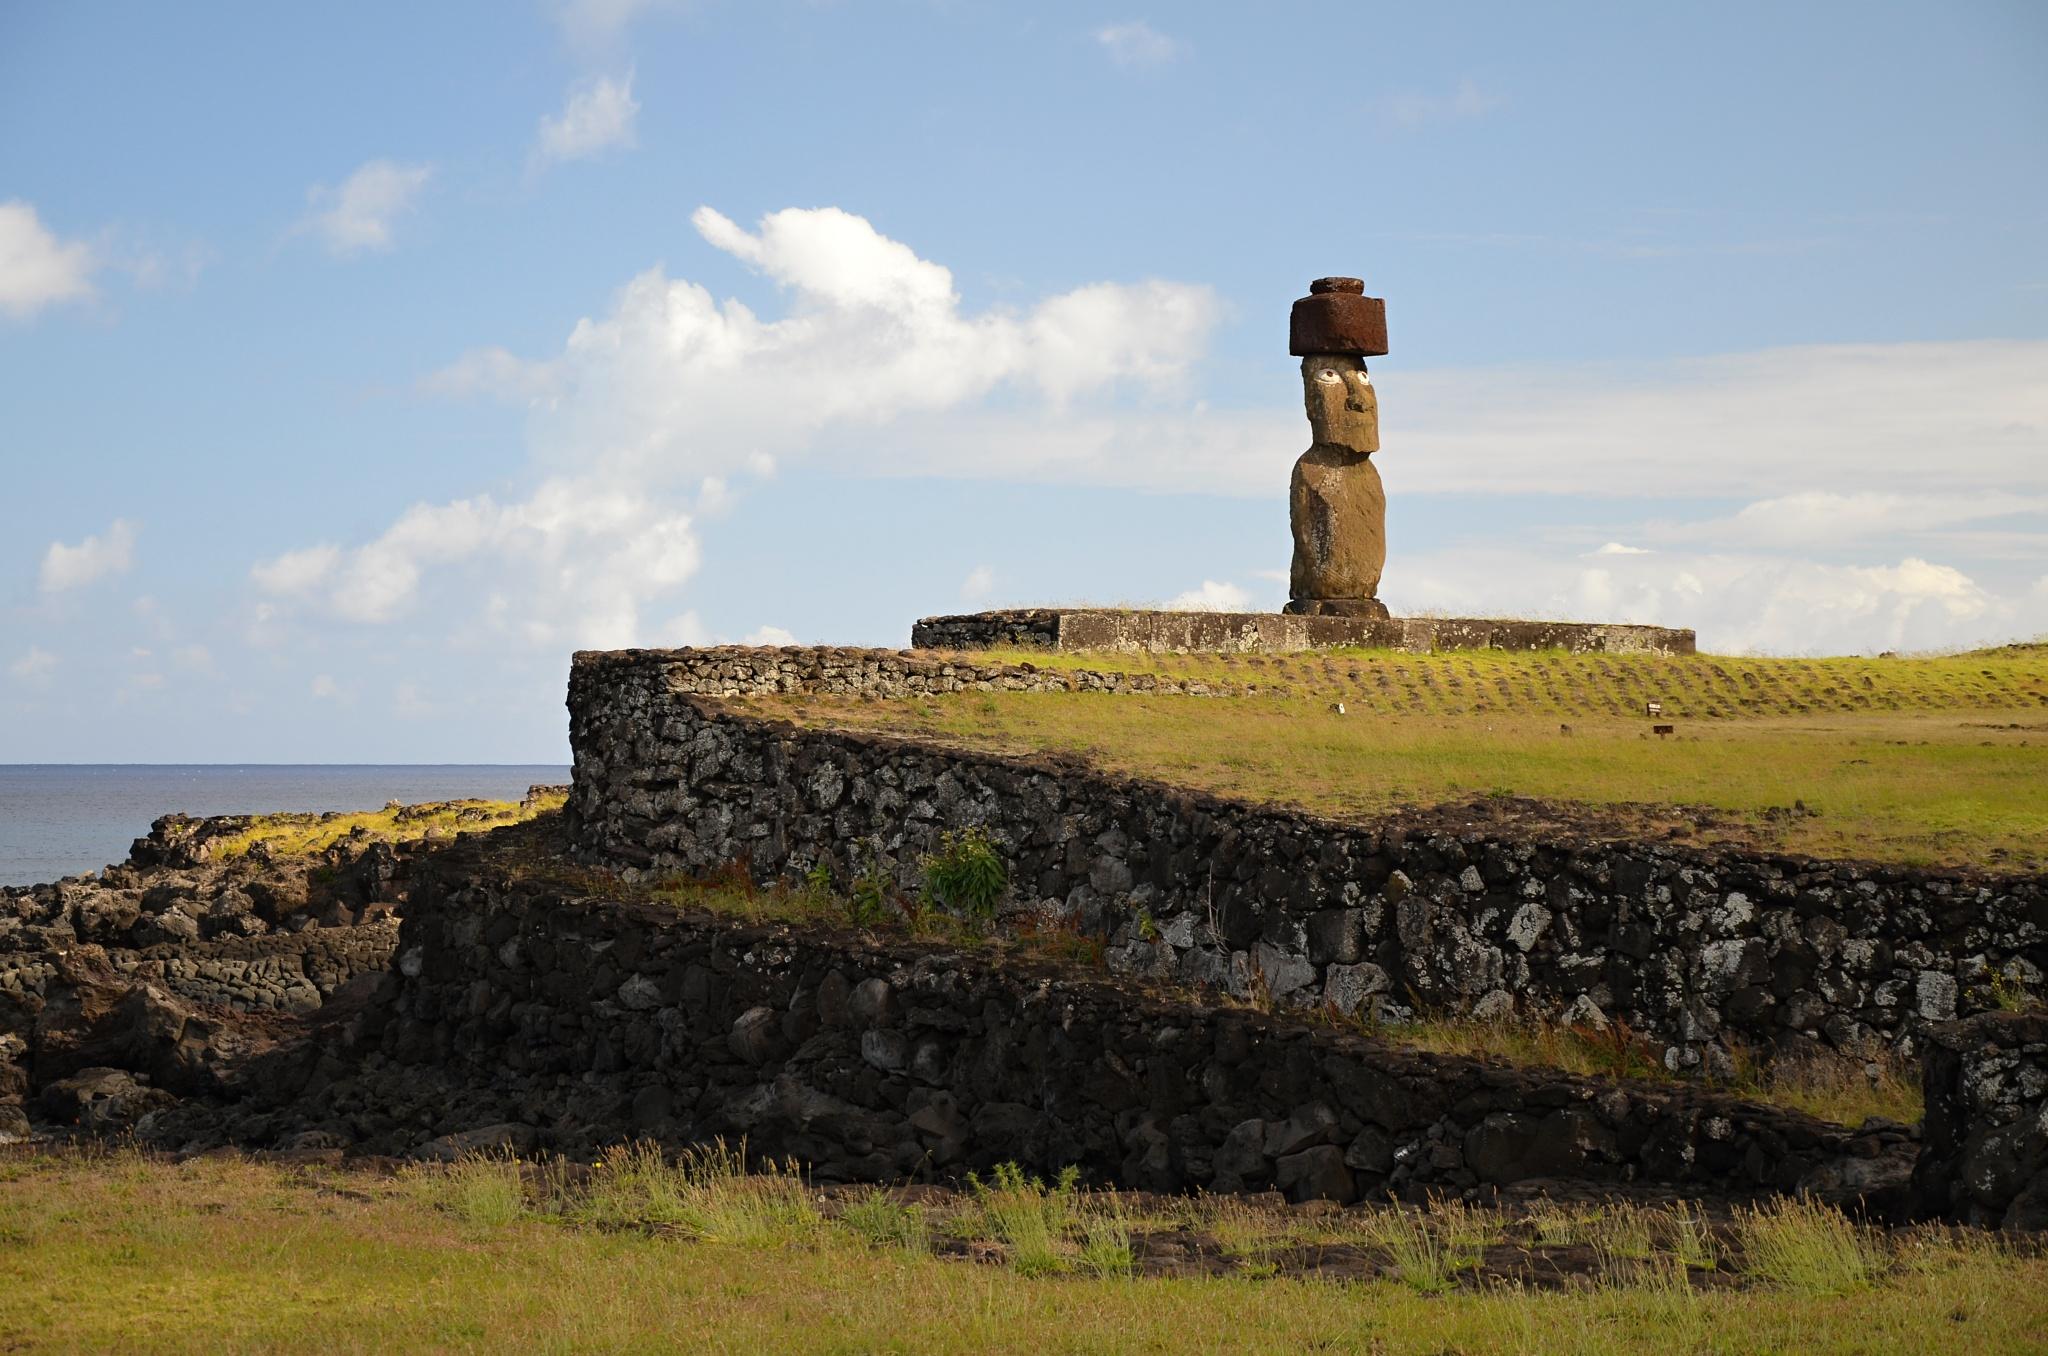 Moai na Ahu Ko Te Riku s kloboukem a krásnýma očima